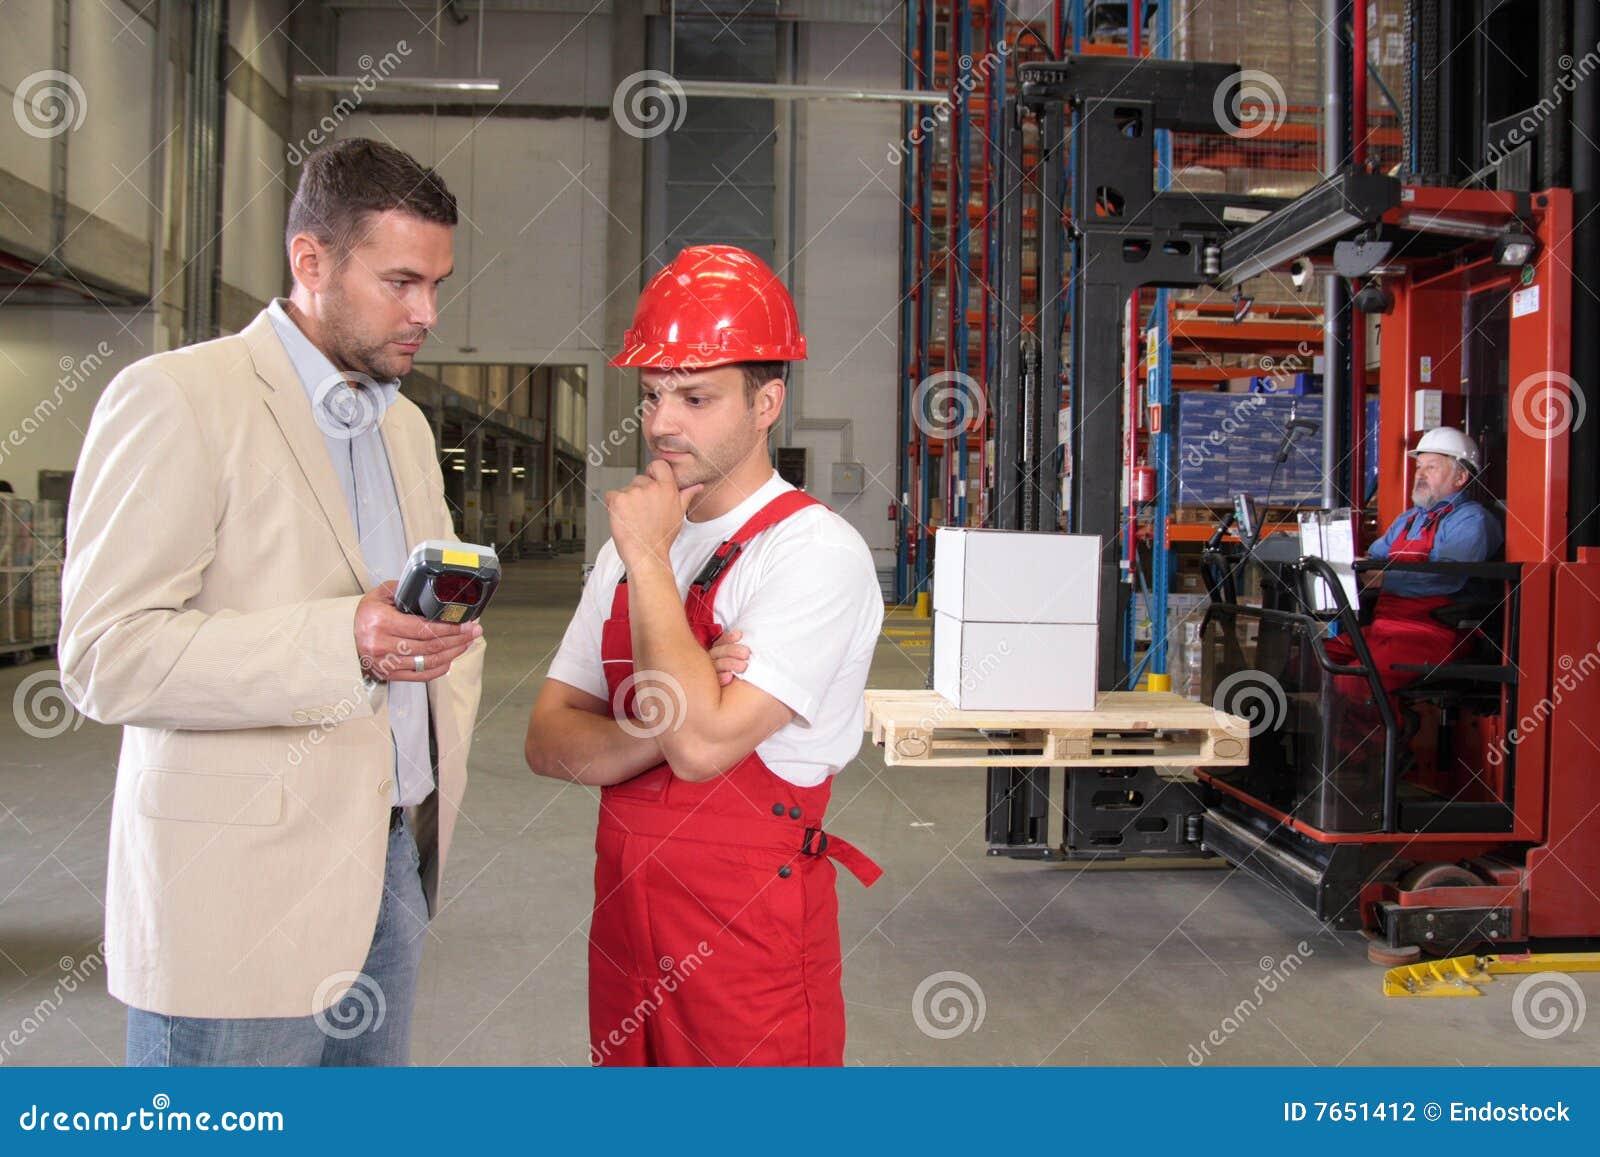 找到解决方法大商店工作者的上司